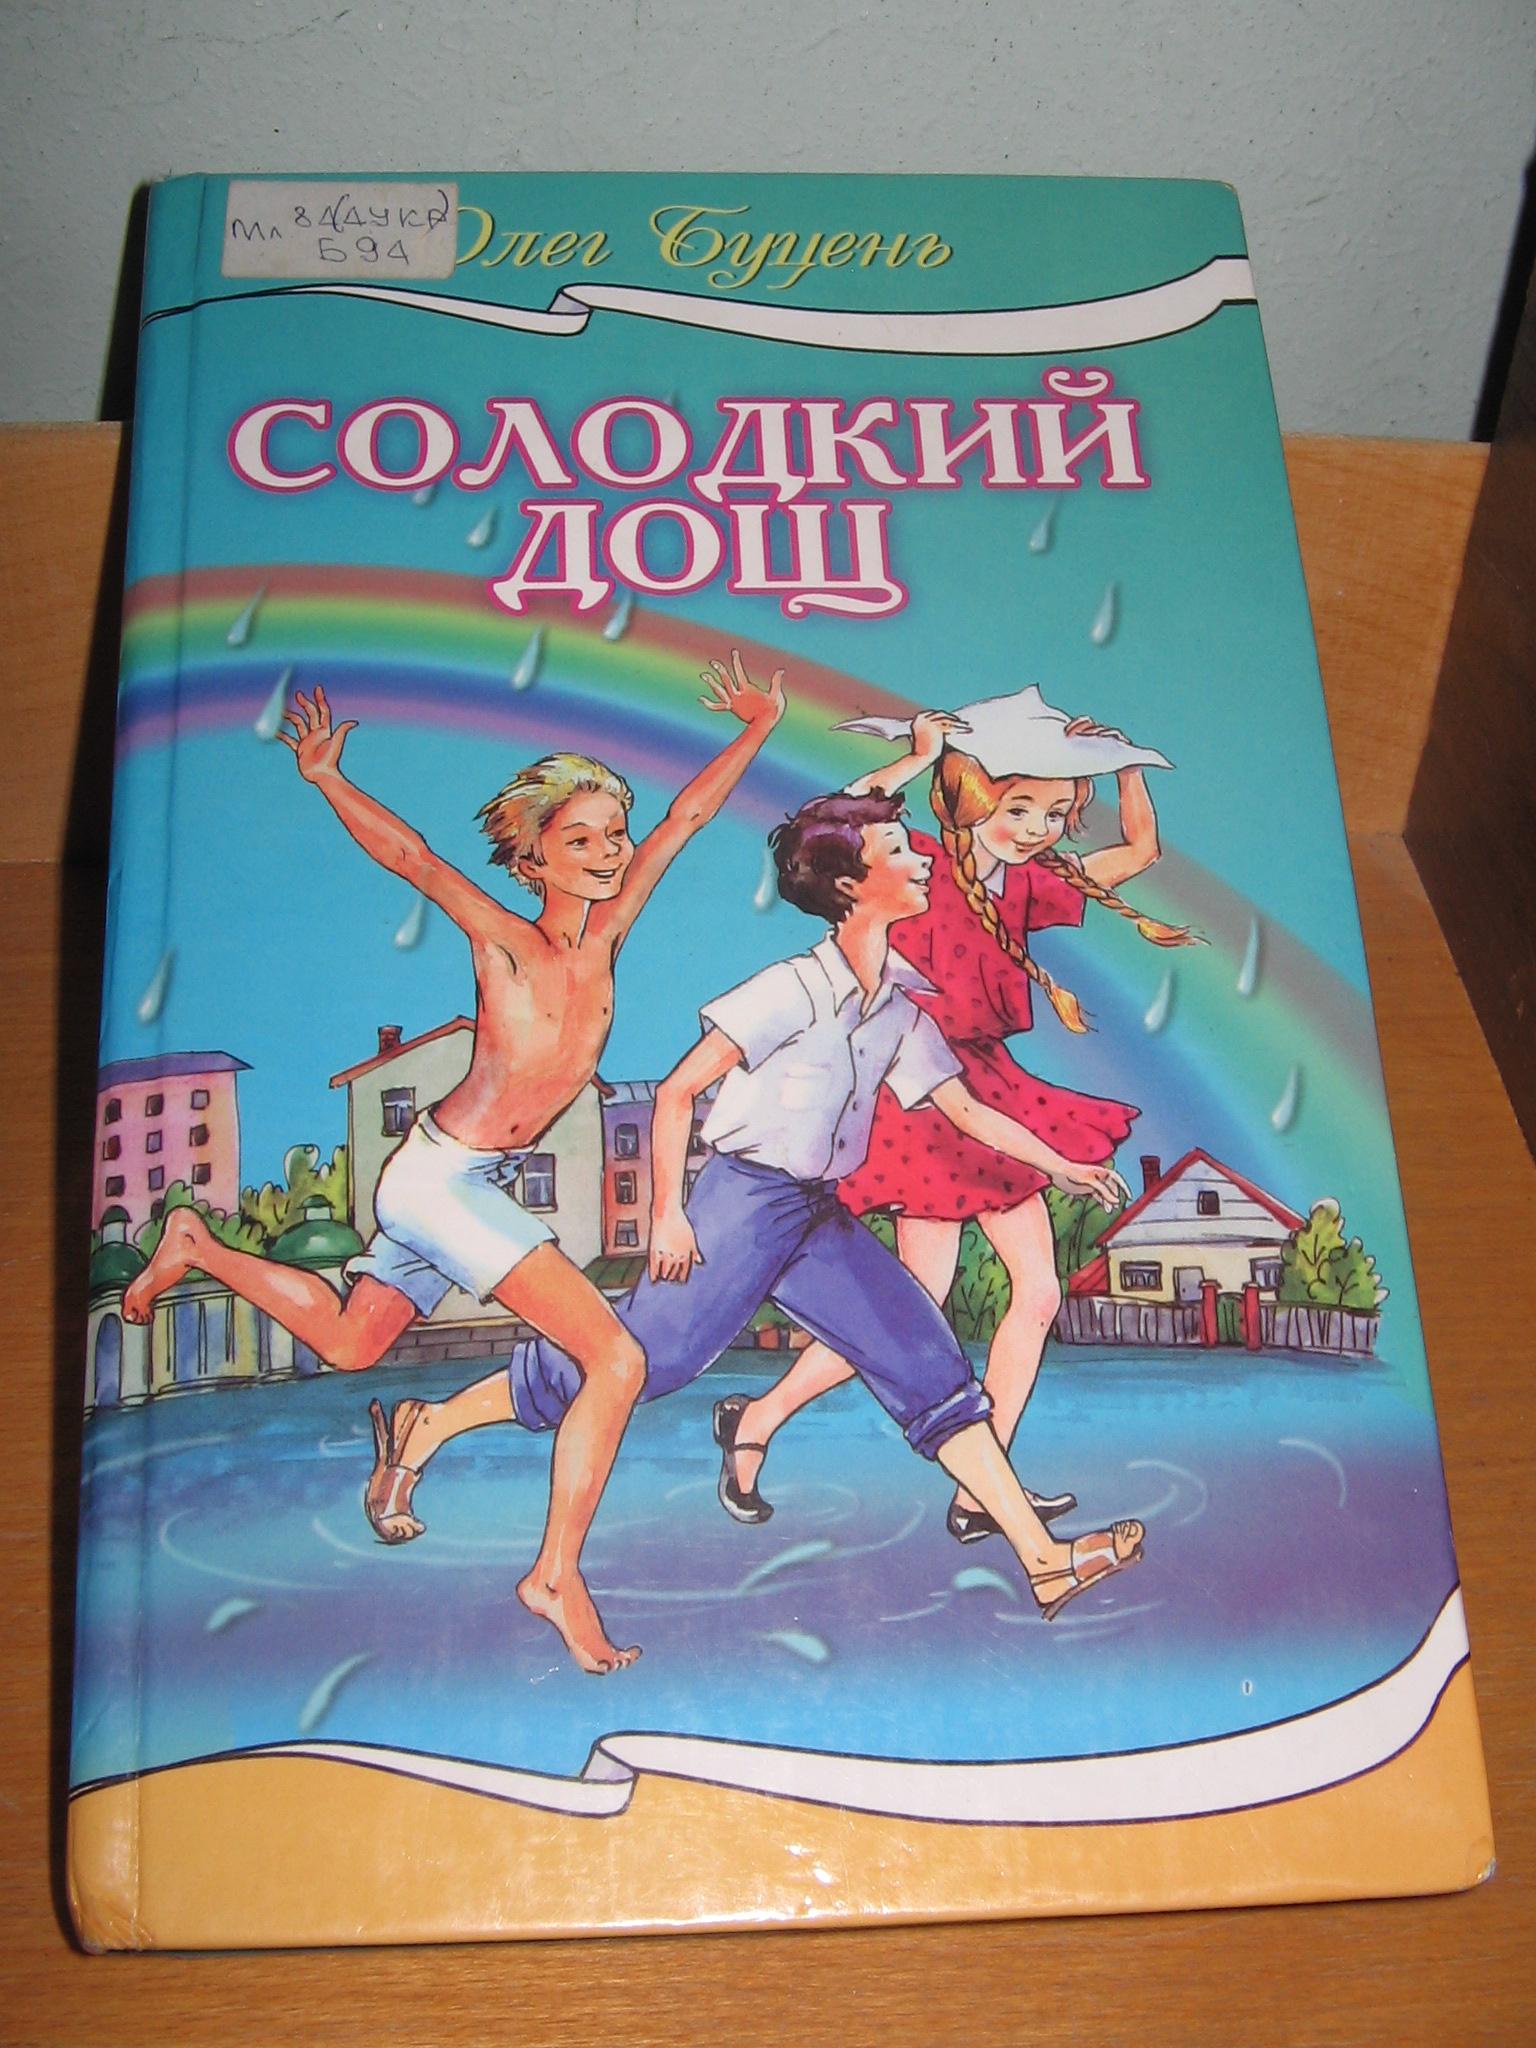 http://s3.uploads.ru/Xvhds.jpg